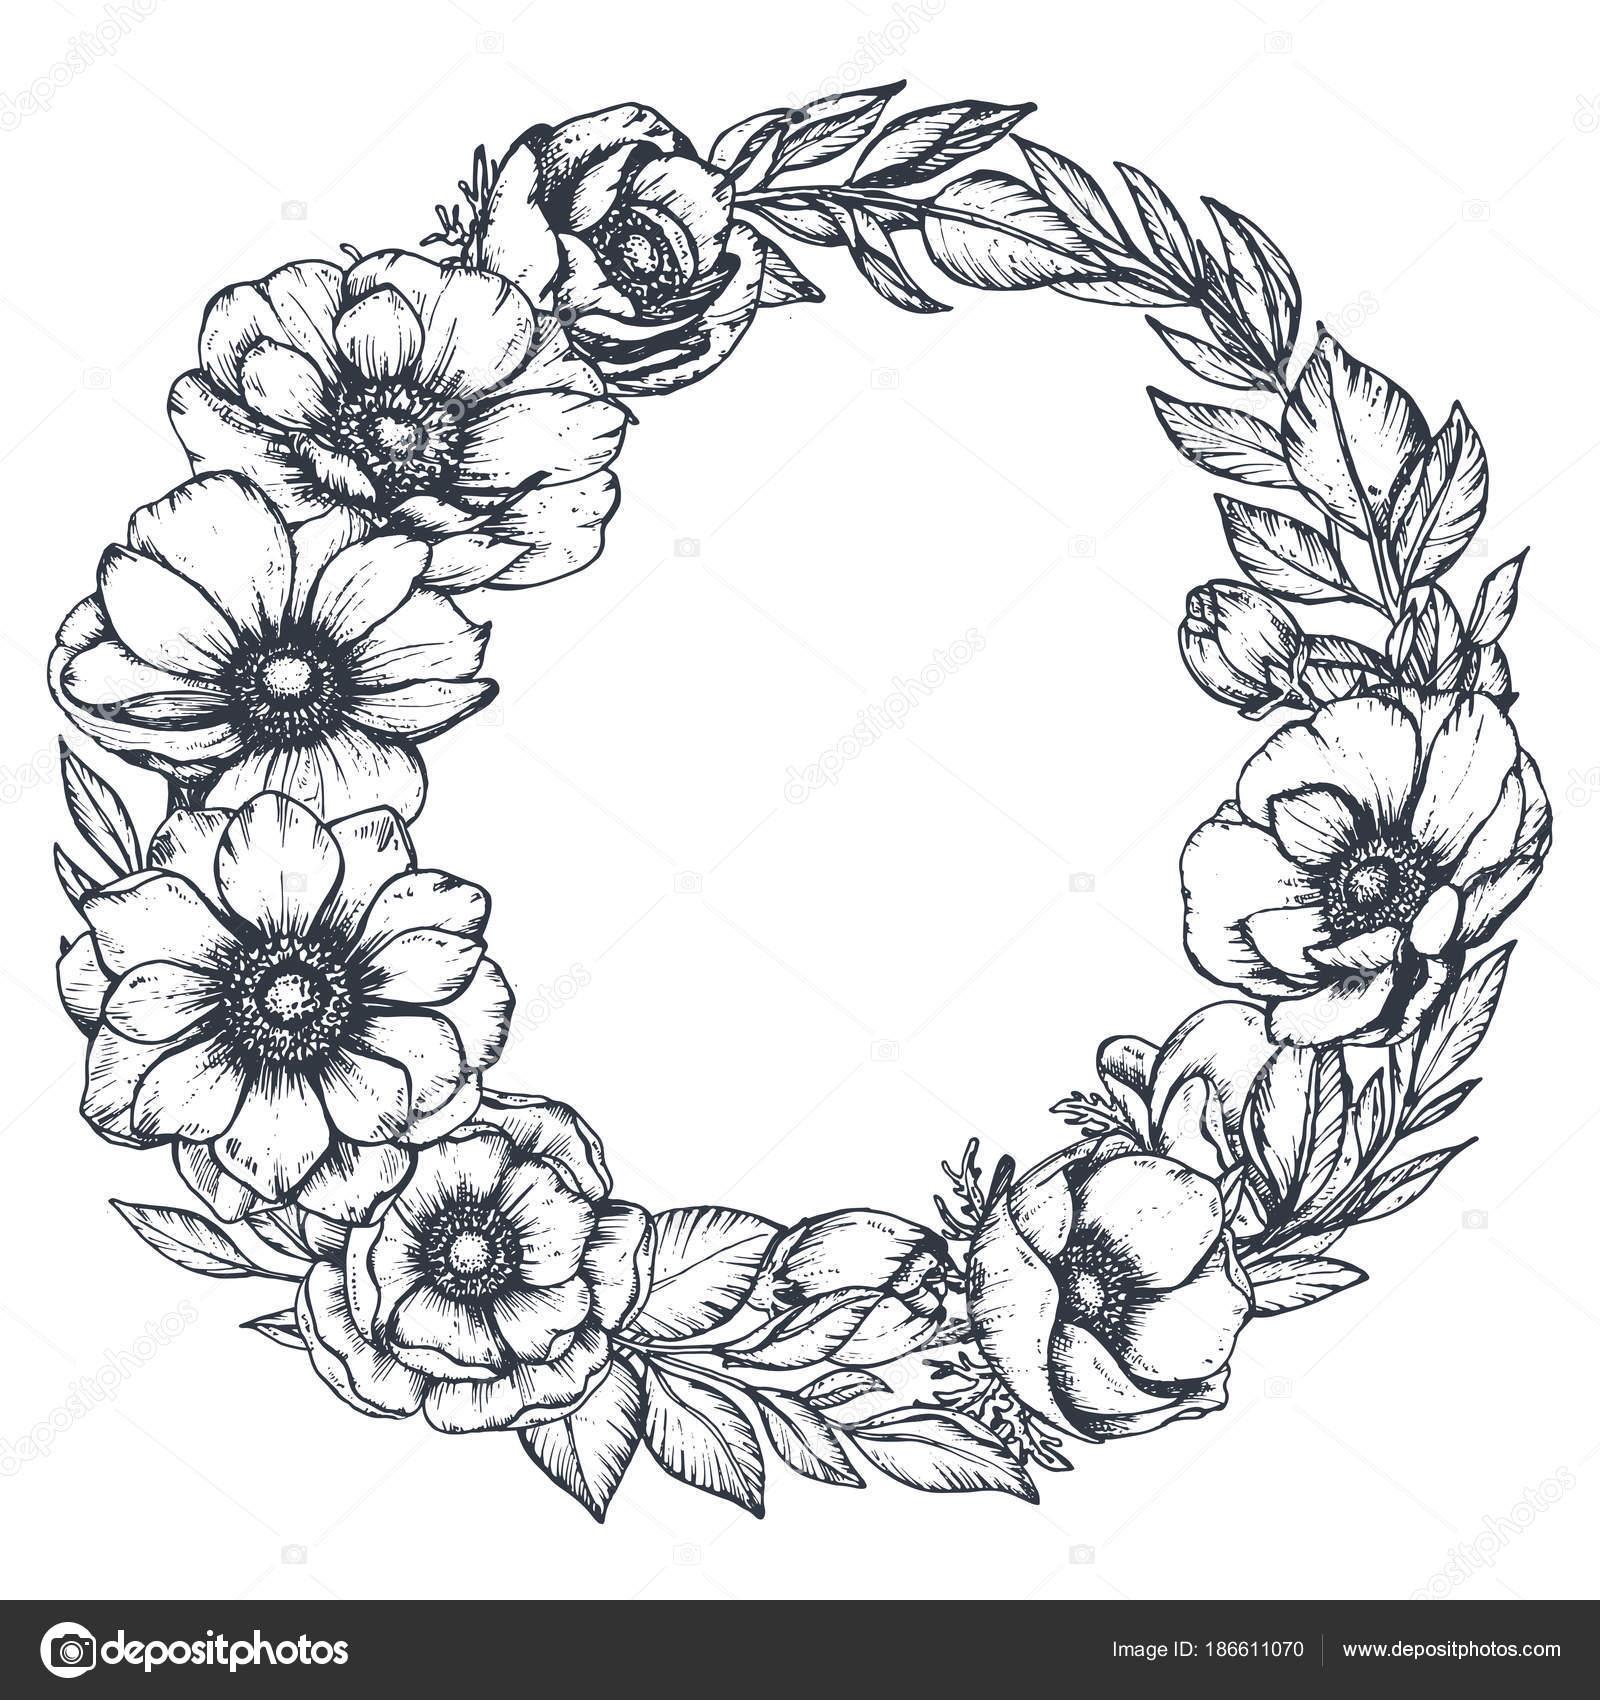 Coloriage Guirlande Fleurs.Vector Noir Et Blanc Floral Guirlande De Fleurs D Anemone